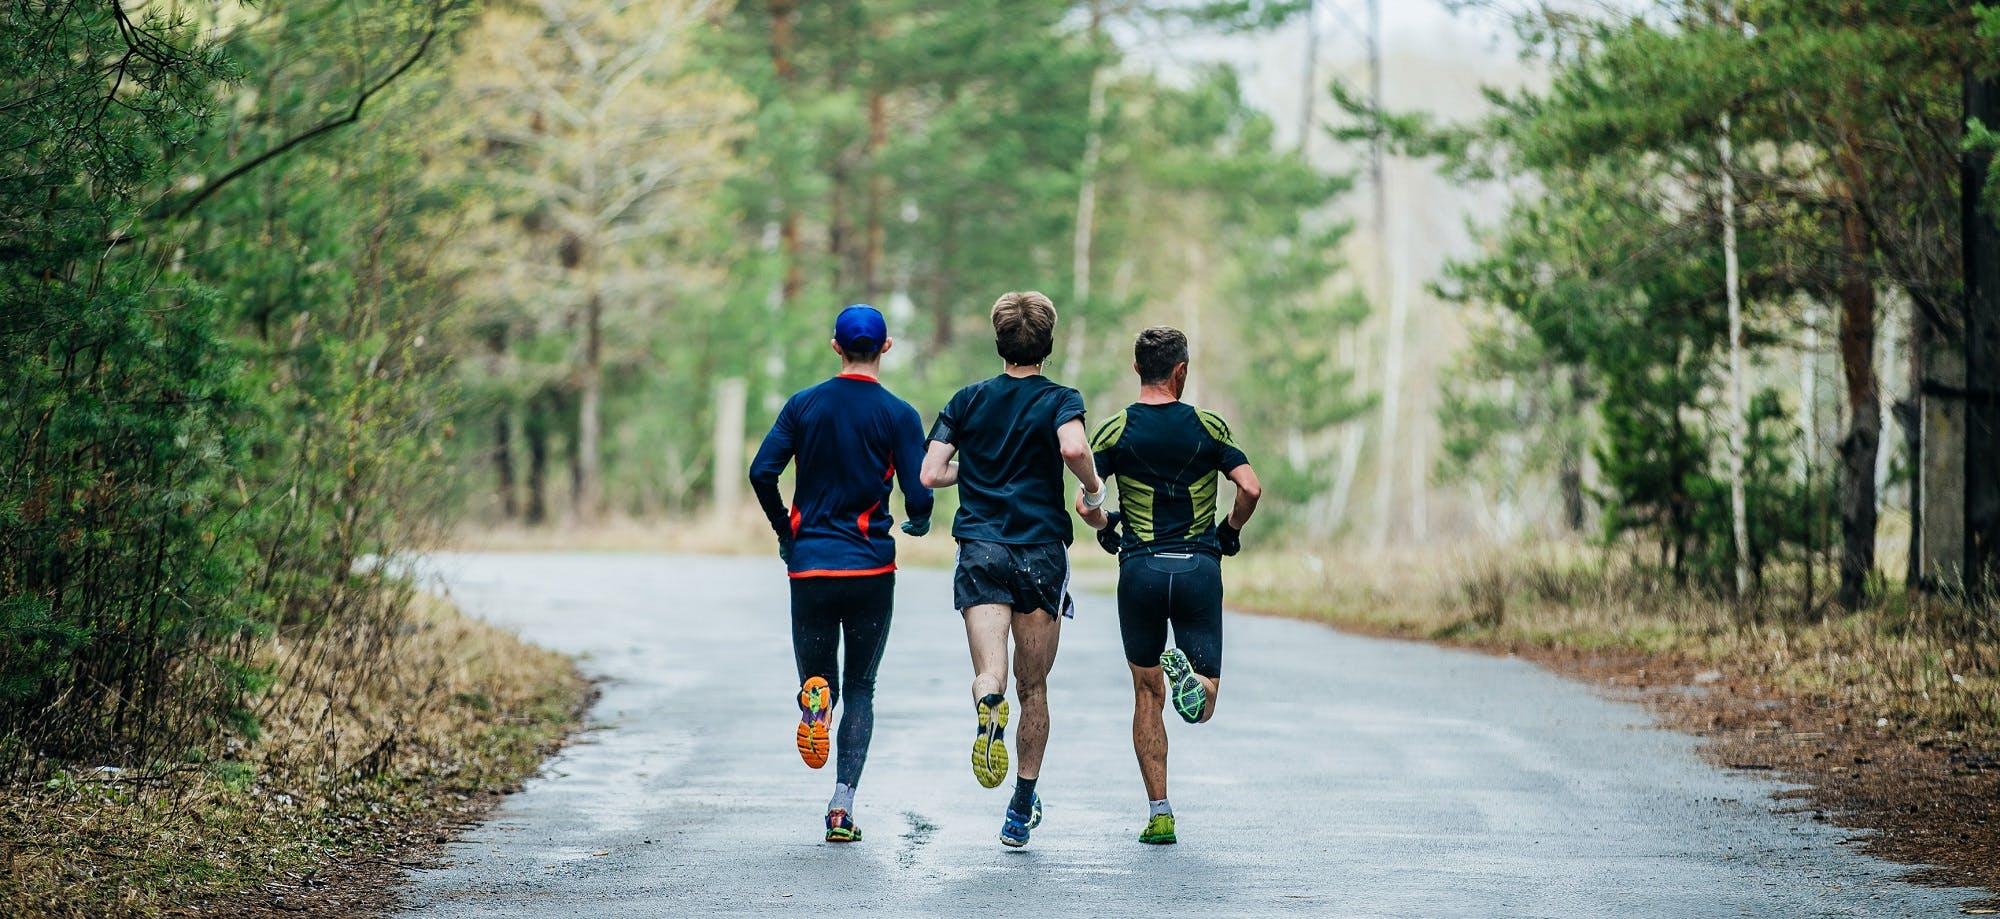 Προσαρμογή των ιστών: Το «κλειδί» για τρέξιμο χωρίς τραυματισμούς